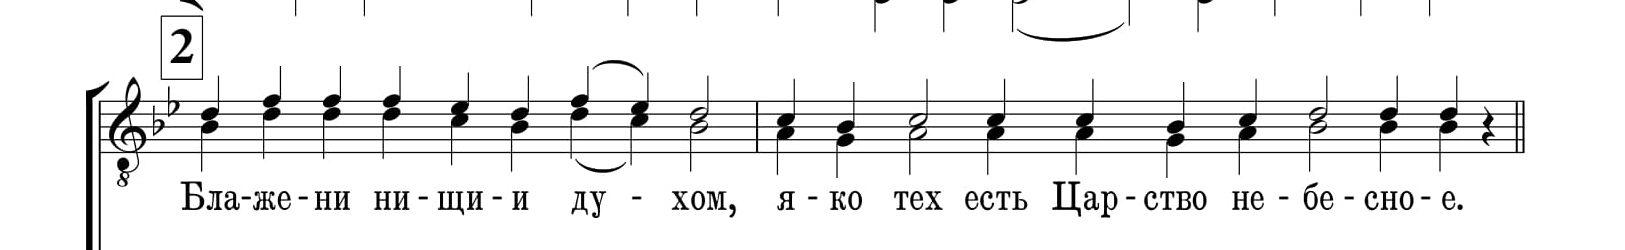 Во царствии Твоем (Успенский-Пюхтицкое м.х.)